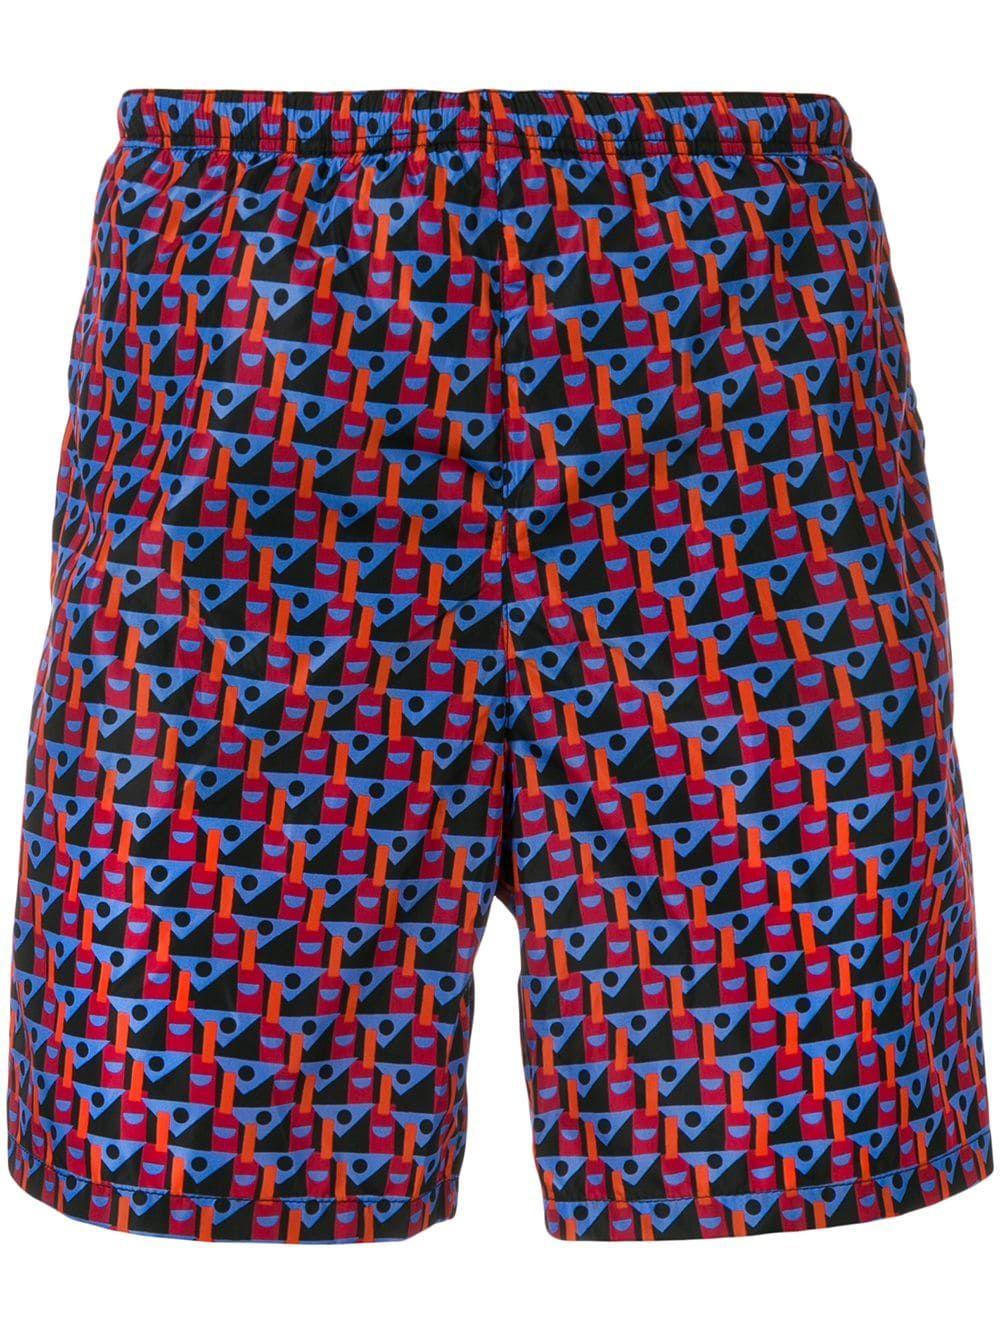 5d53c90c05037 PRADA PRADA GEOMETRIC PRINT SWIM SHORTS - BLUE. #prada #cloth ...